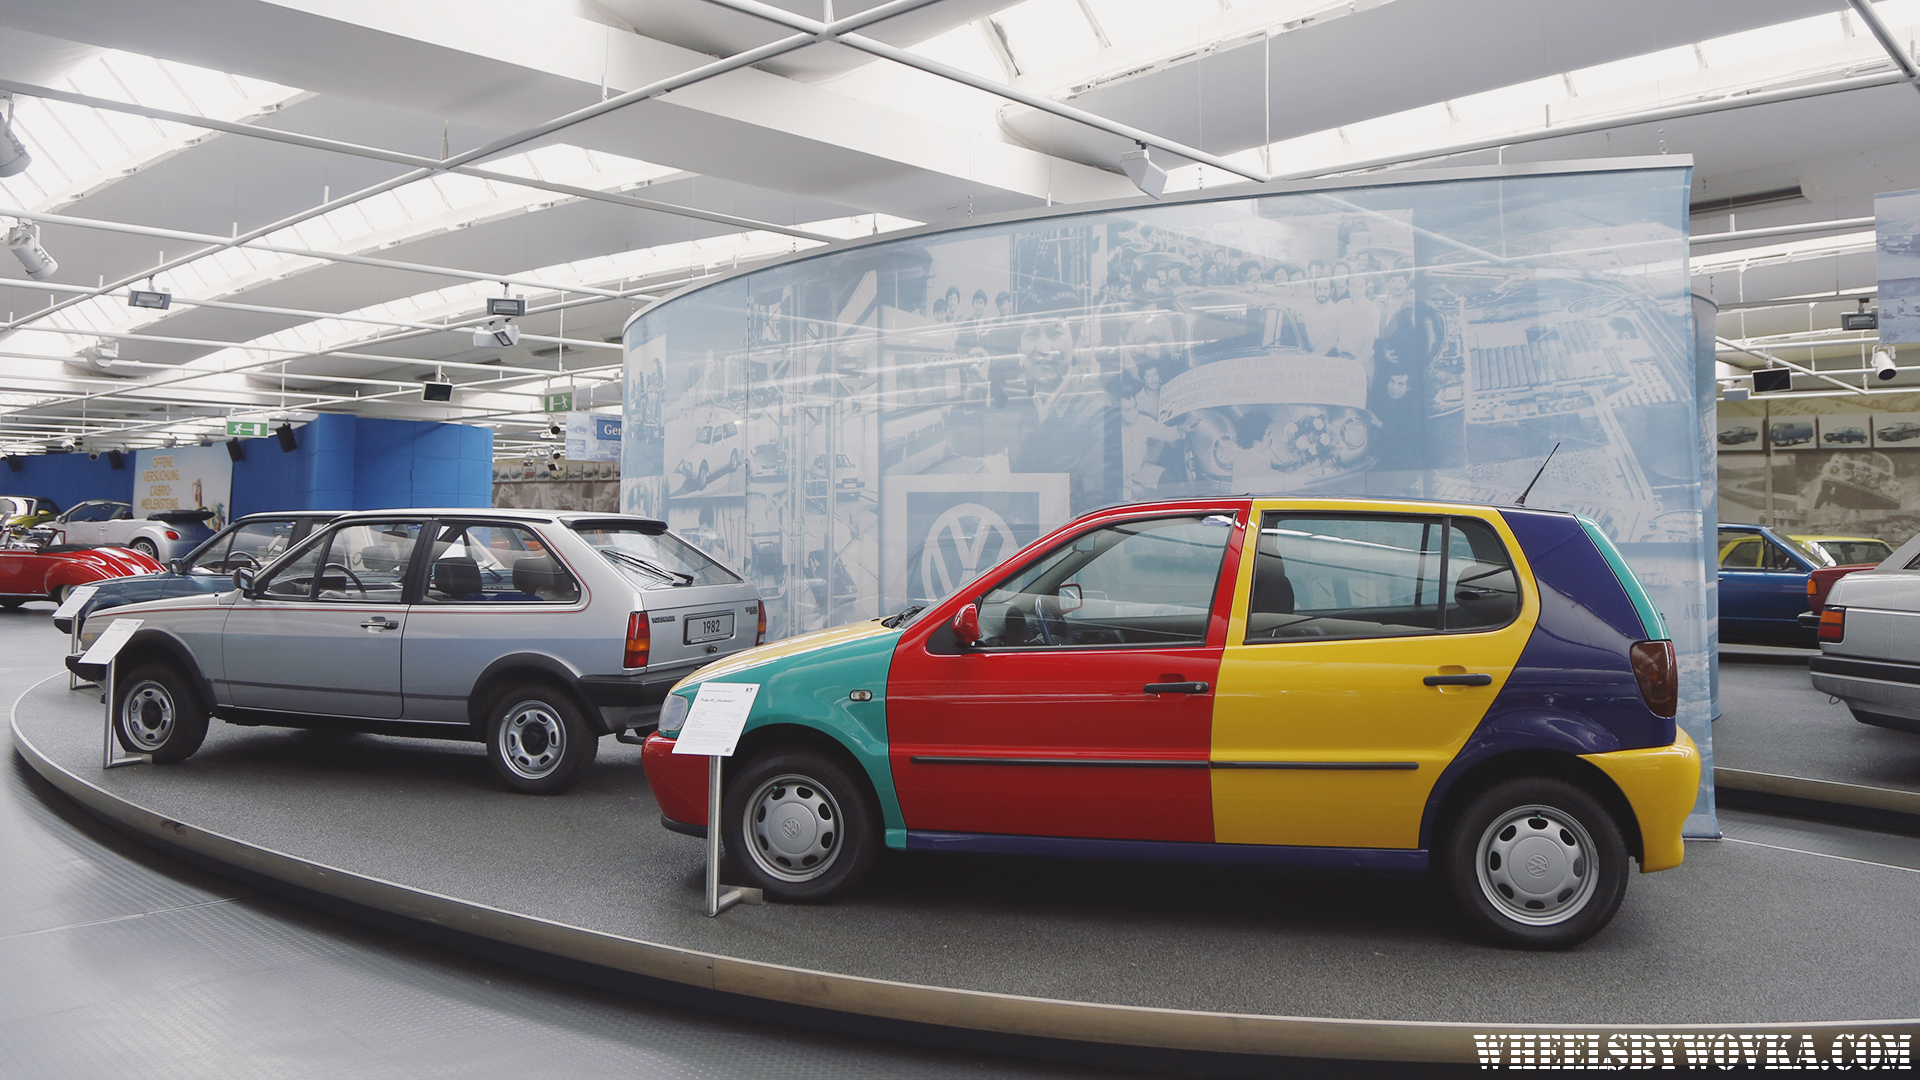 volkswagen-vw-museum-wolfsbourg-tour-by-wheelsbywovka-29